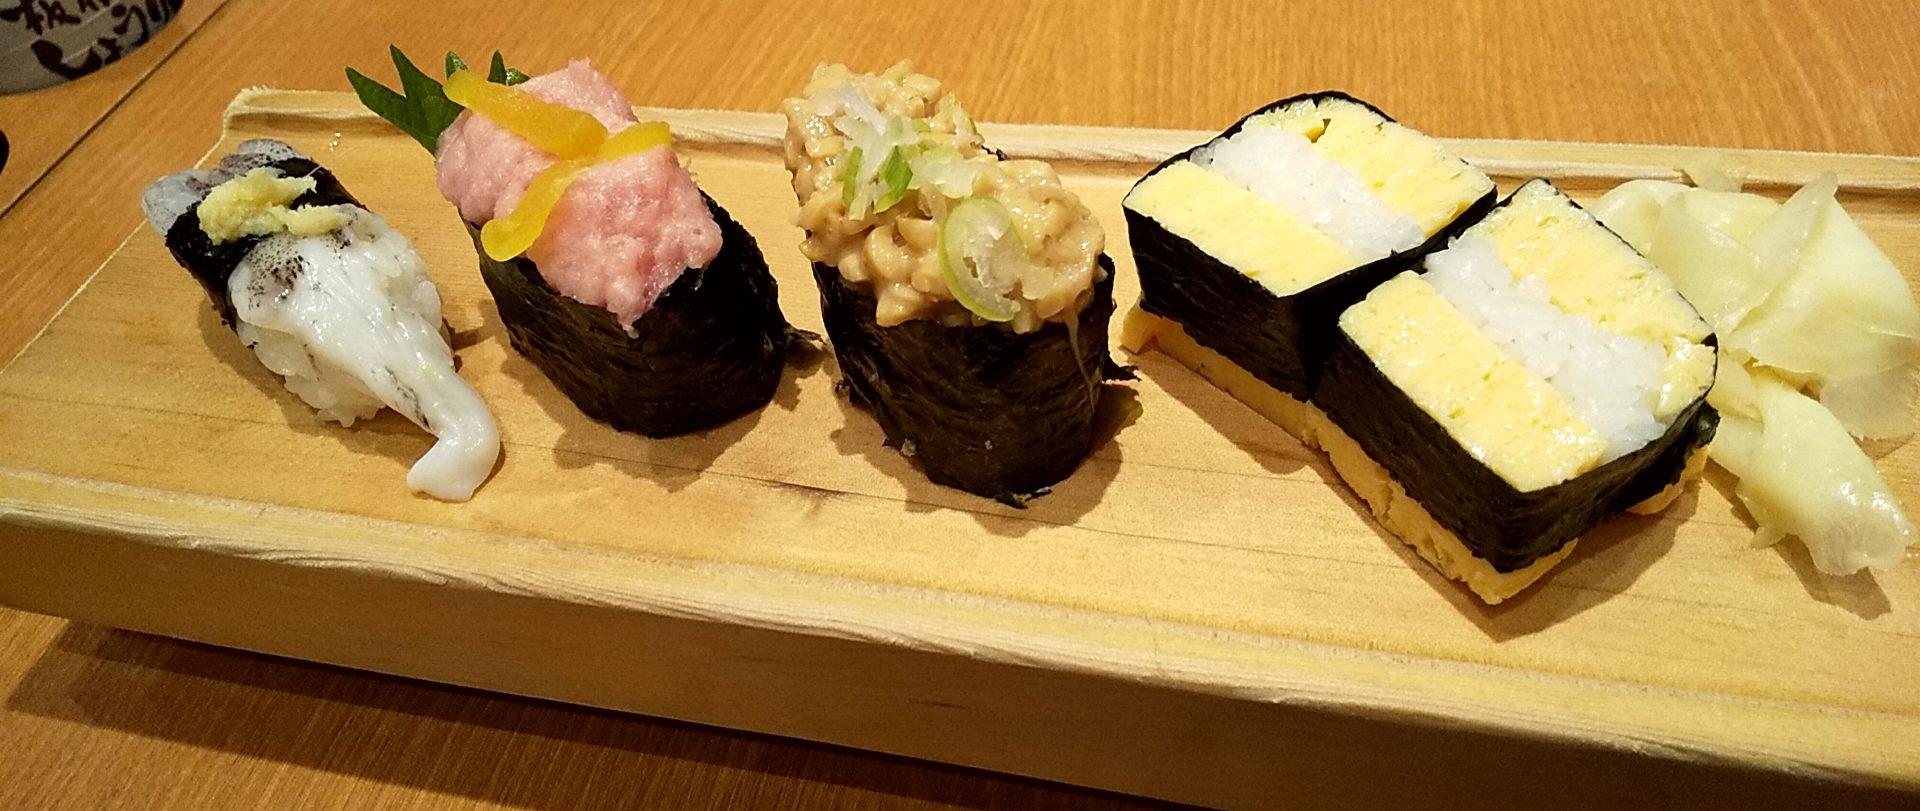 板前寿司イカゲソ・とろたく軍艦・納豆軍艦・卵焼き